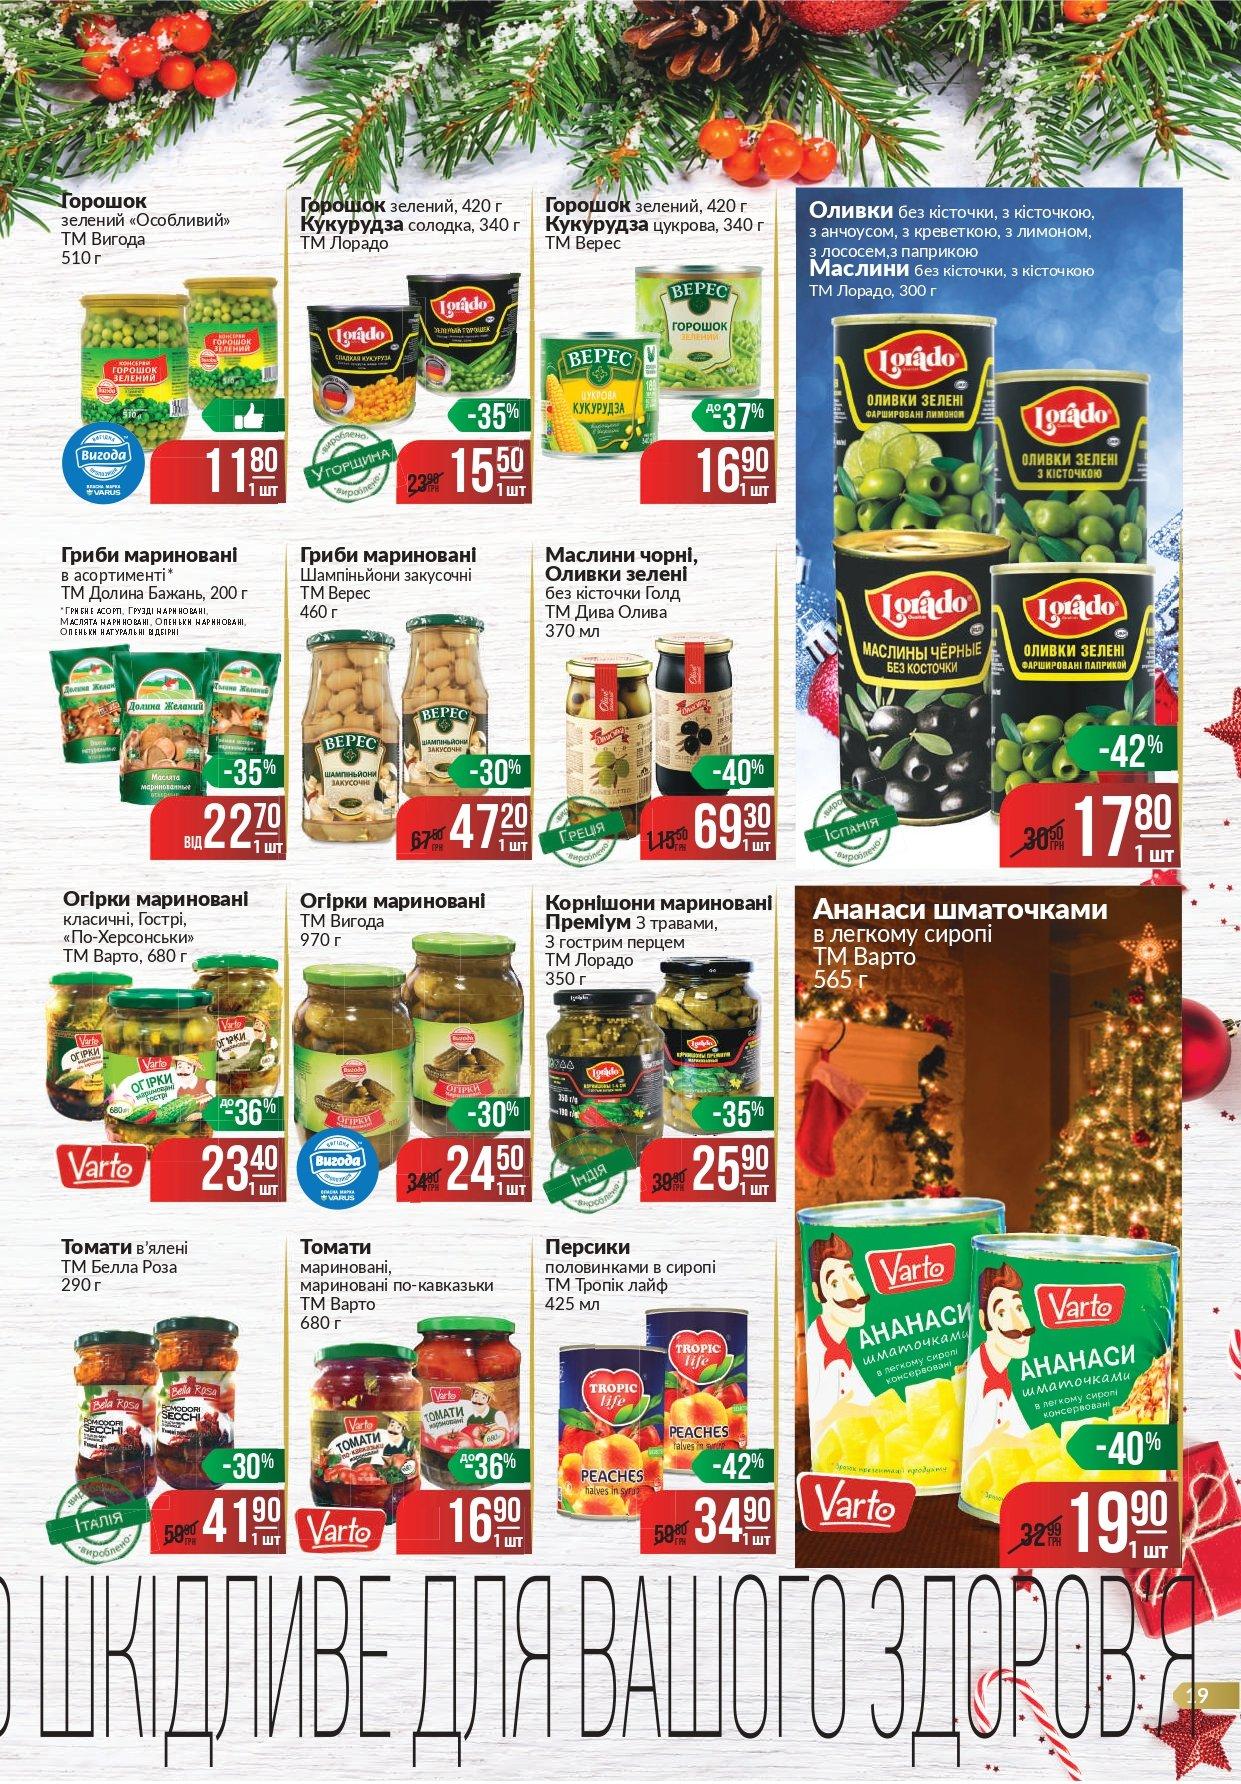 Делаем покупки к Новому Году: какие акции действуют в супермаркетах Днепра, - ЦЕНЫ, фото-47